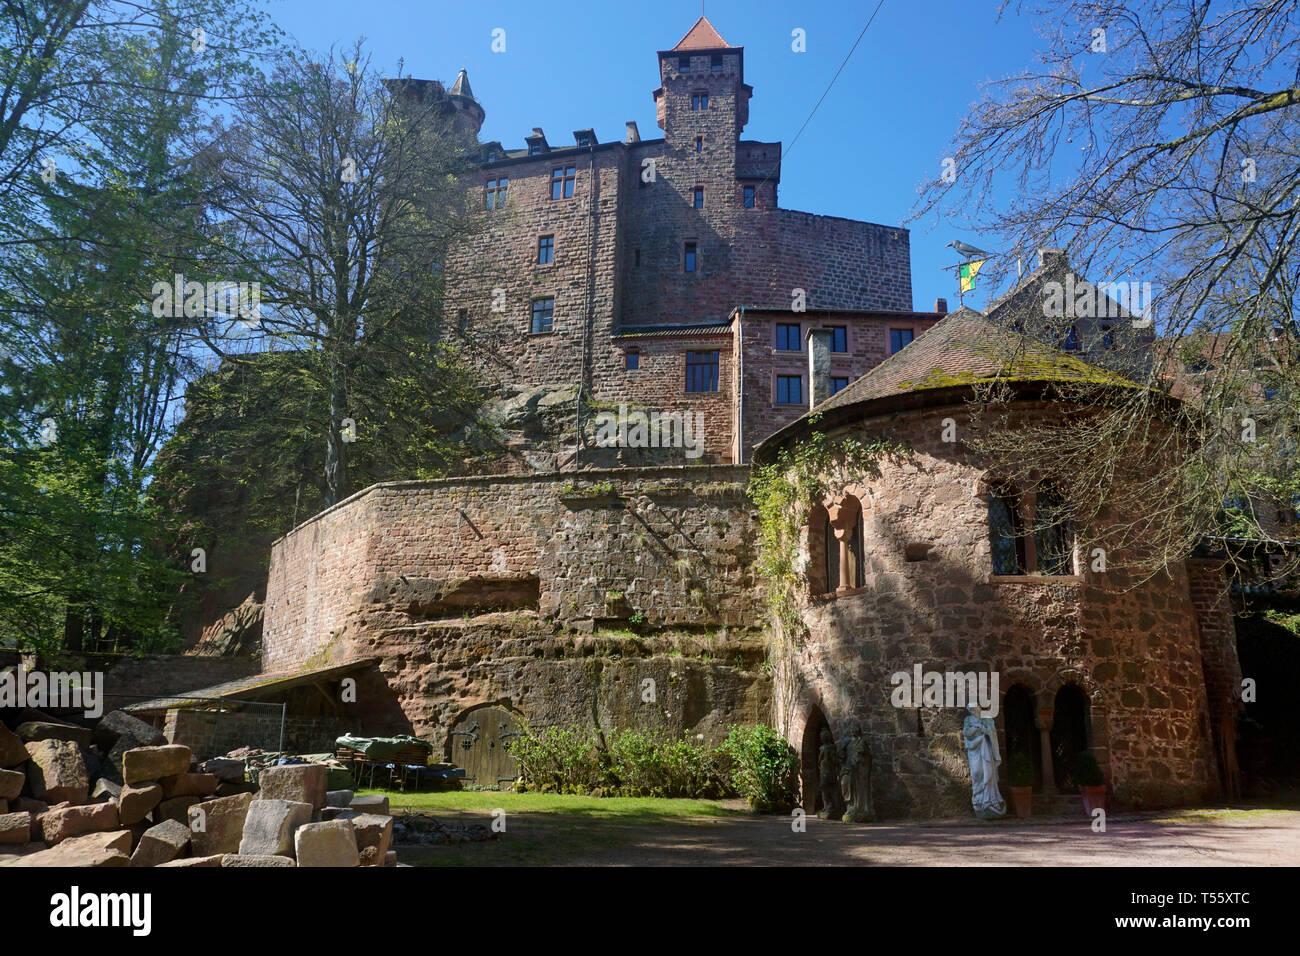 Burg Berwartstein, mittelalterliche Felsenburg und einzige bewohnte Burg in der Pfalz, Erlenbach bei Dahn, Wasgau, Rheinland-Pfalz, Deutschland | Berw Stock Photo